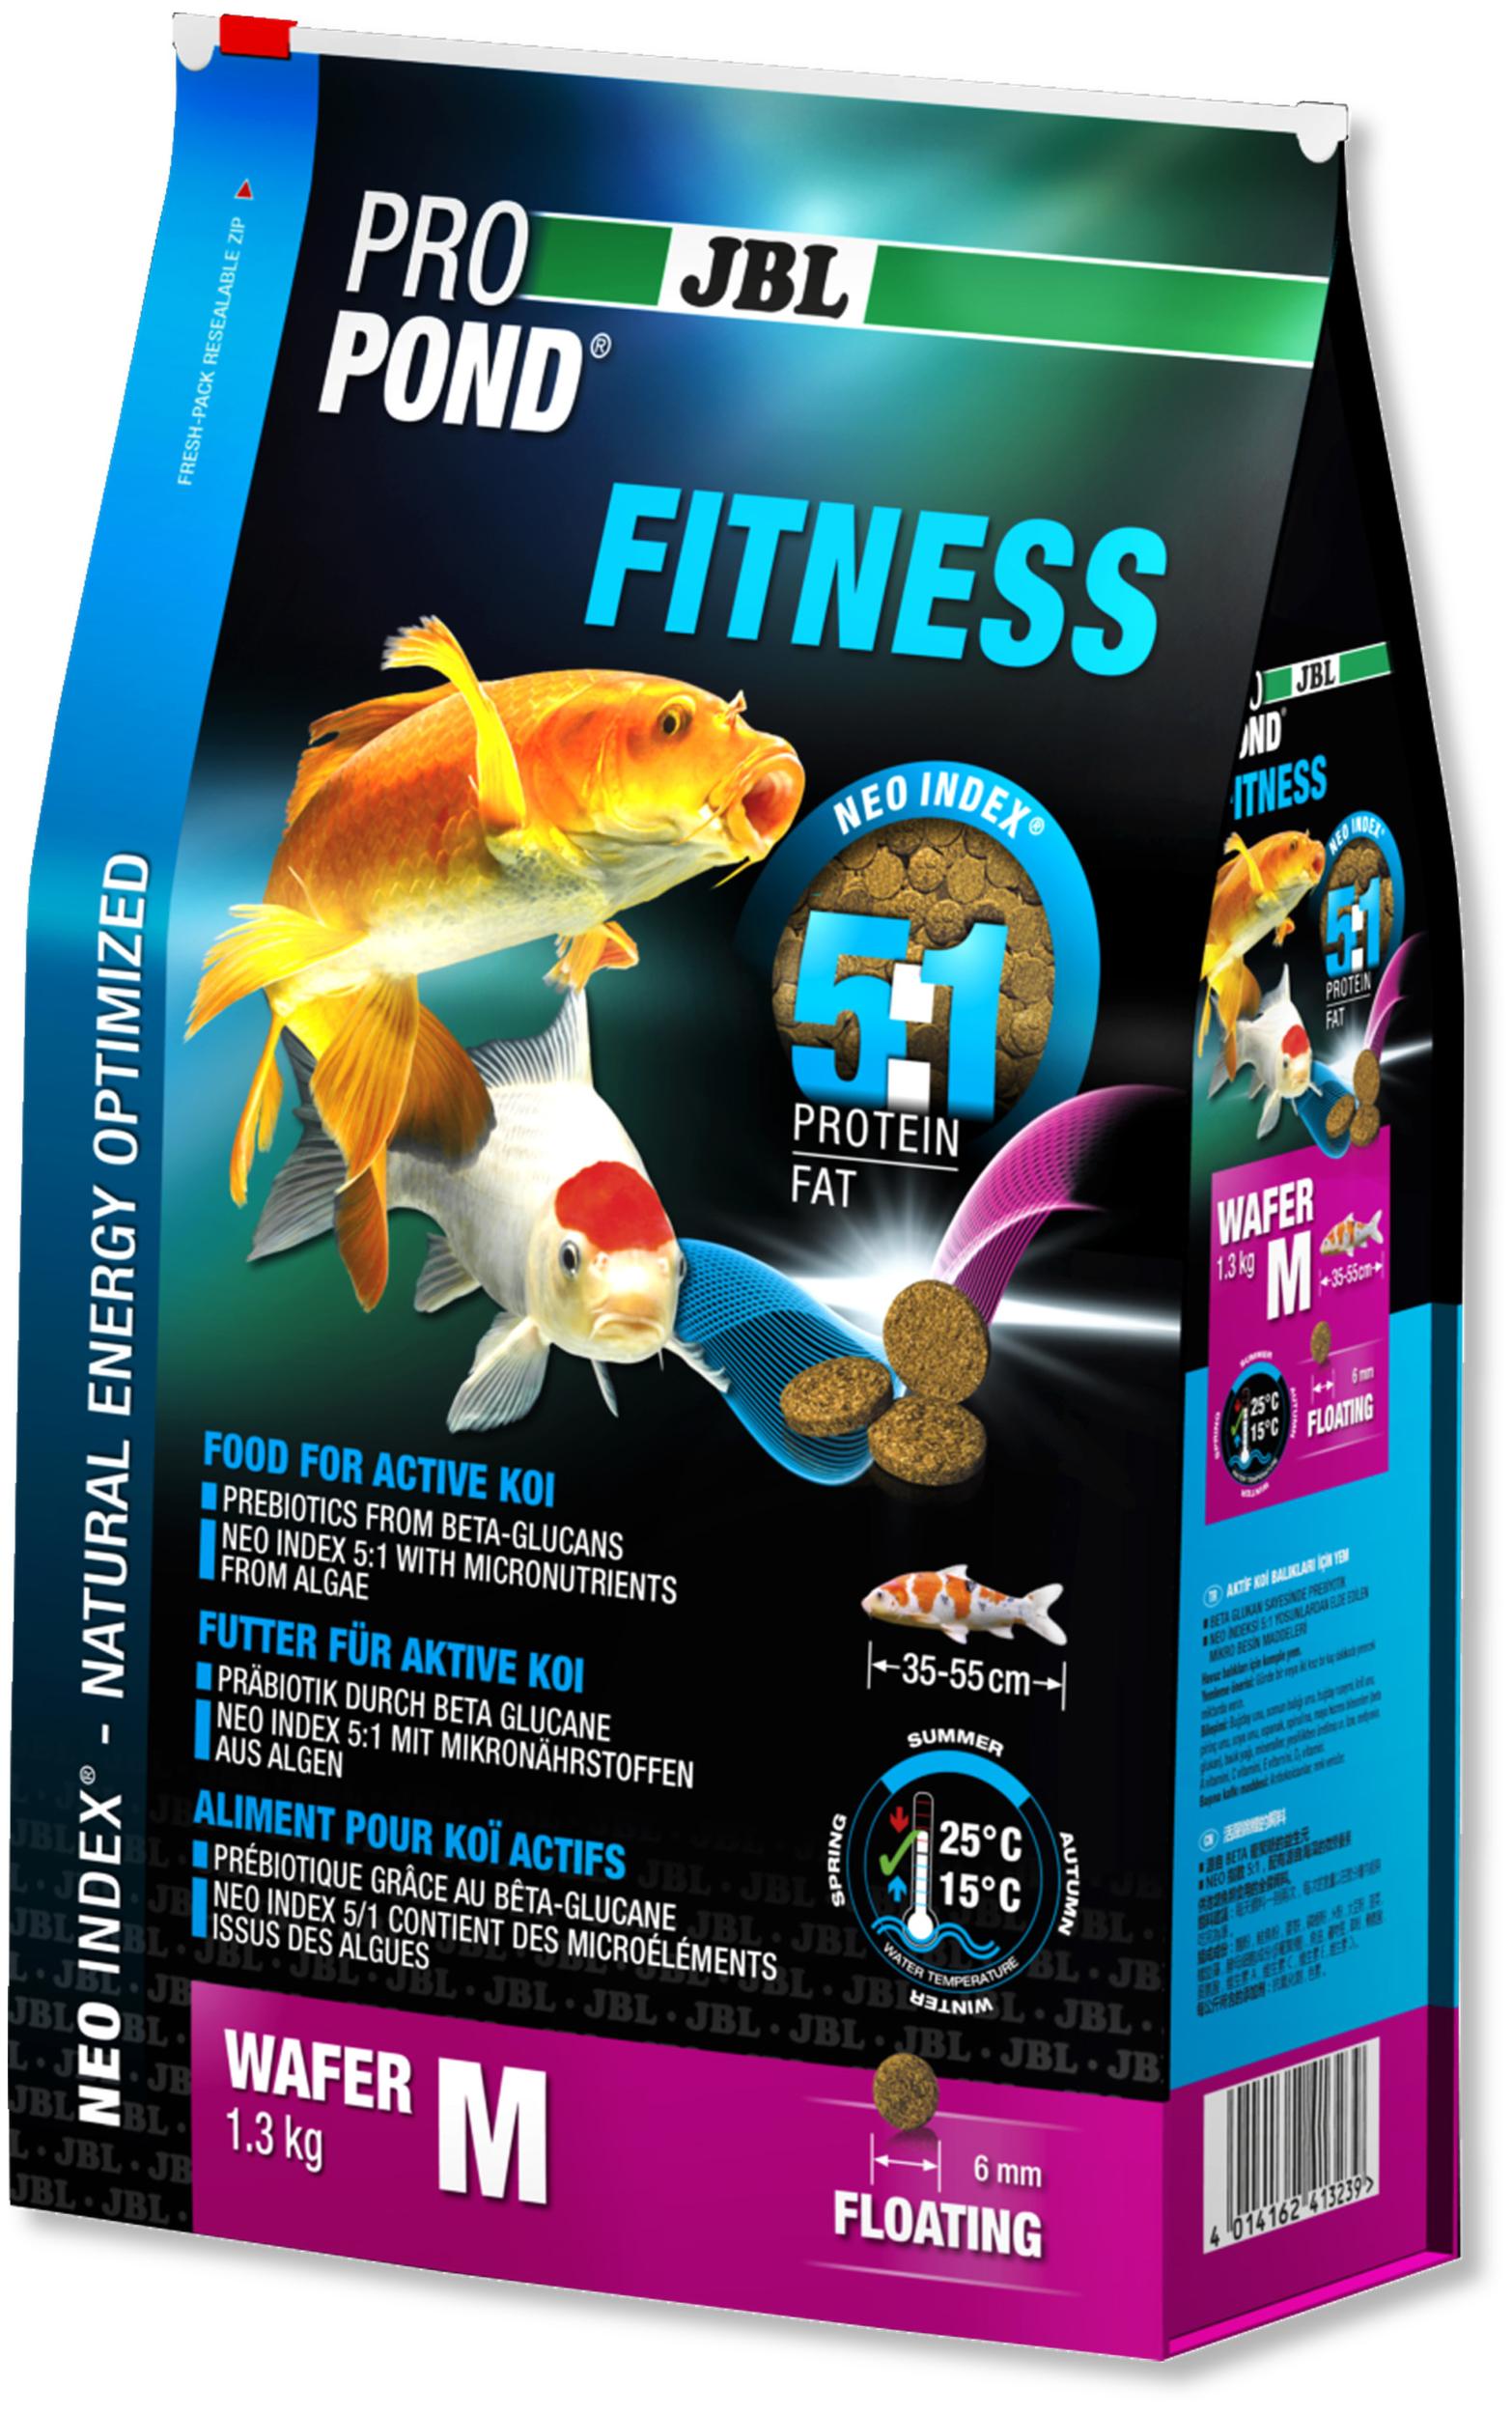 JBL ProPond Fitness M 1,3 Kg nourriture spéciale sous forme de perles pour Kois actives de 35 à 55 cm